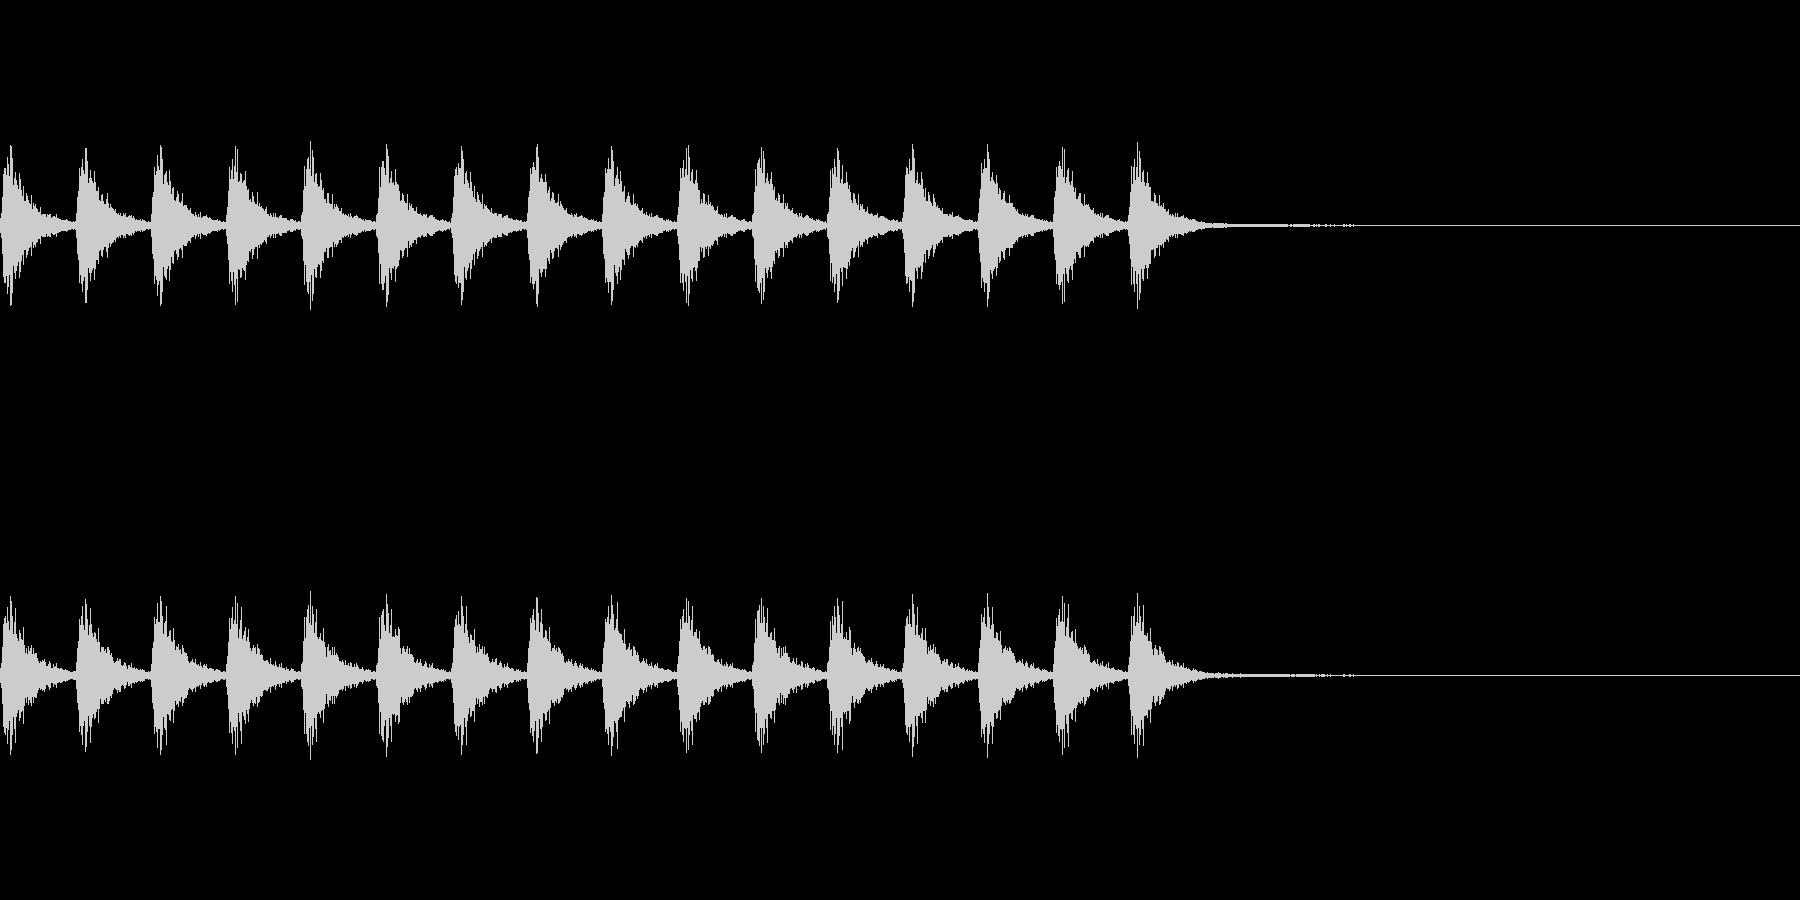 鈴の音の未再生の波形